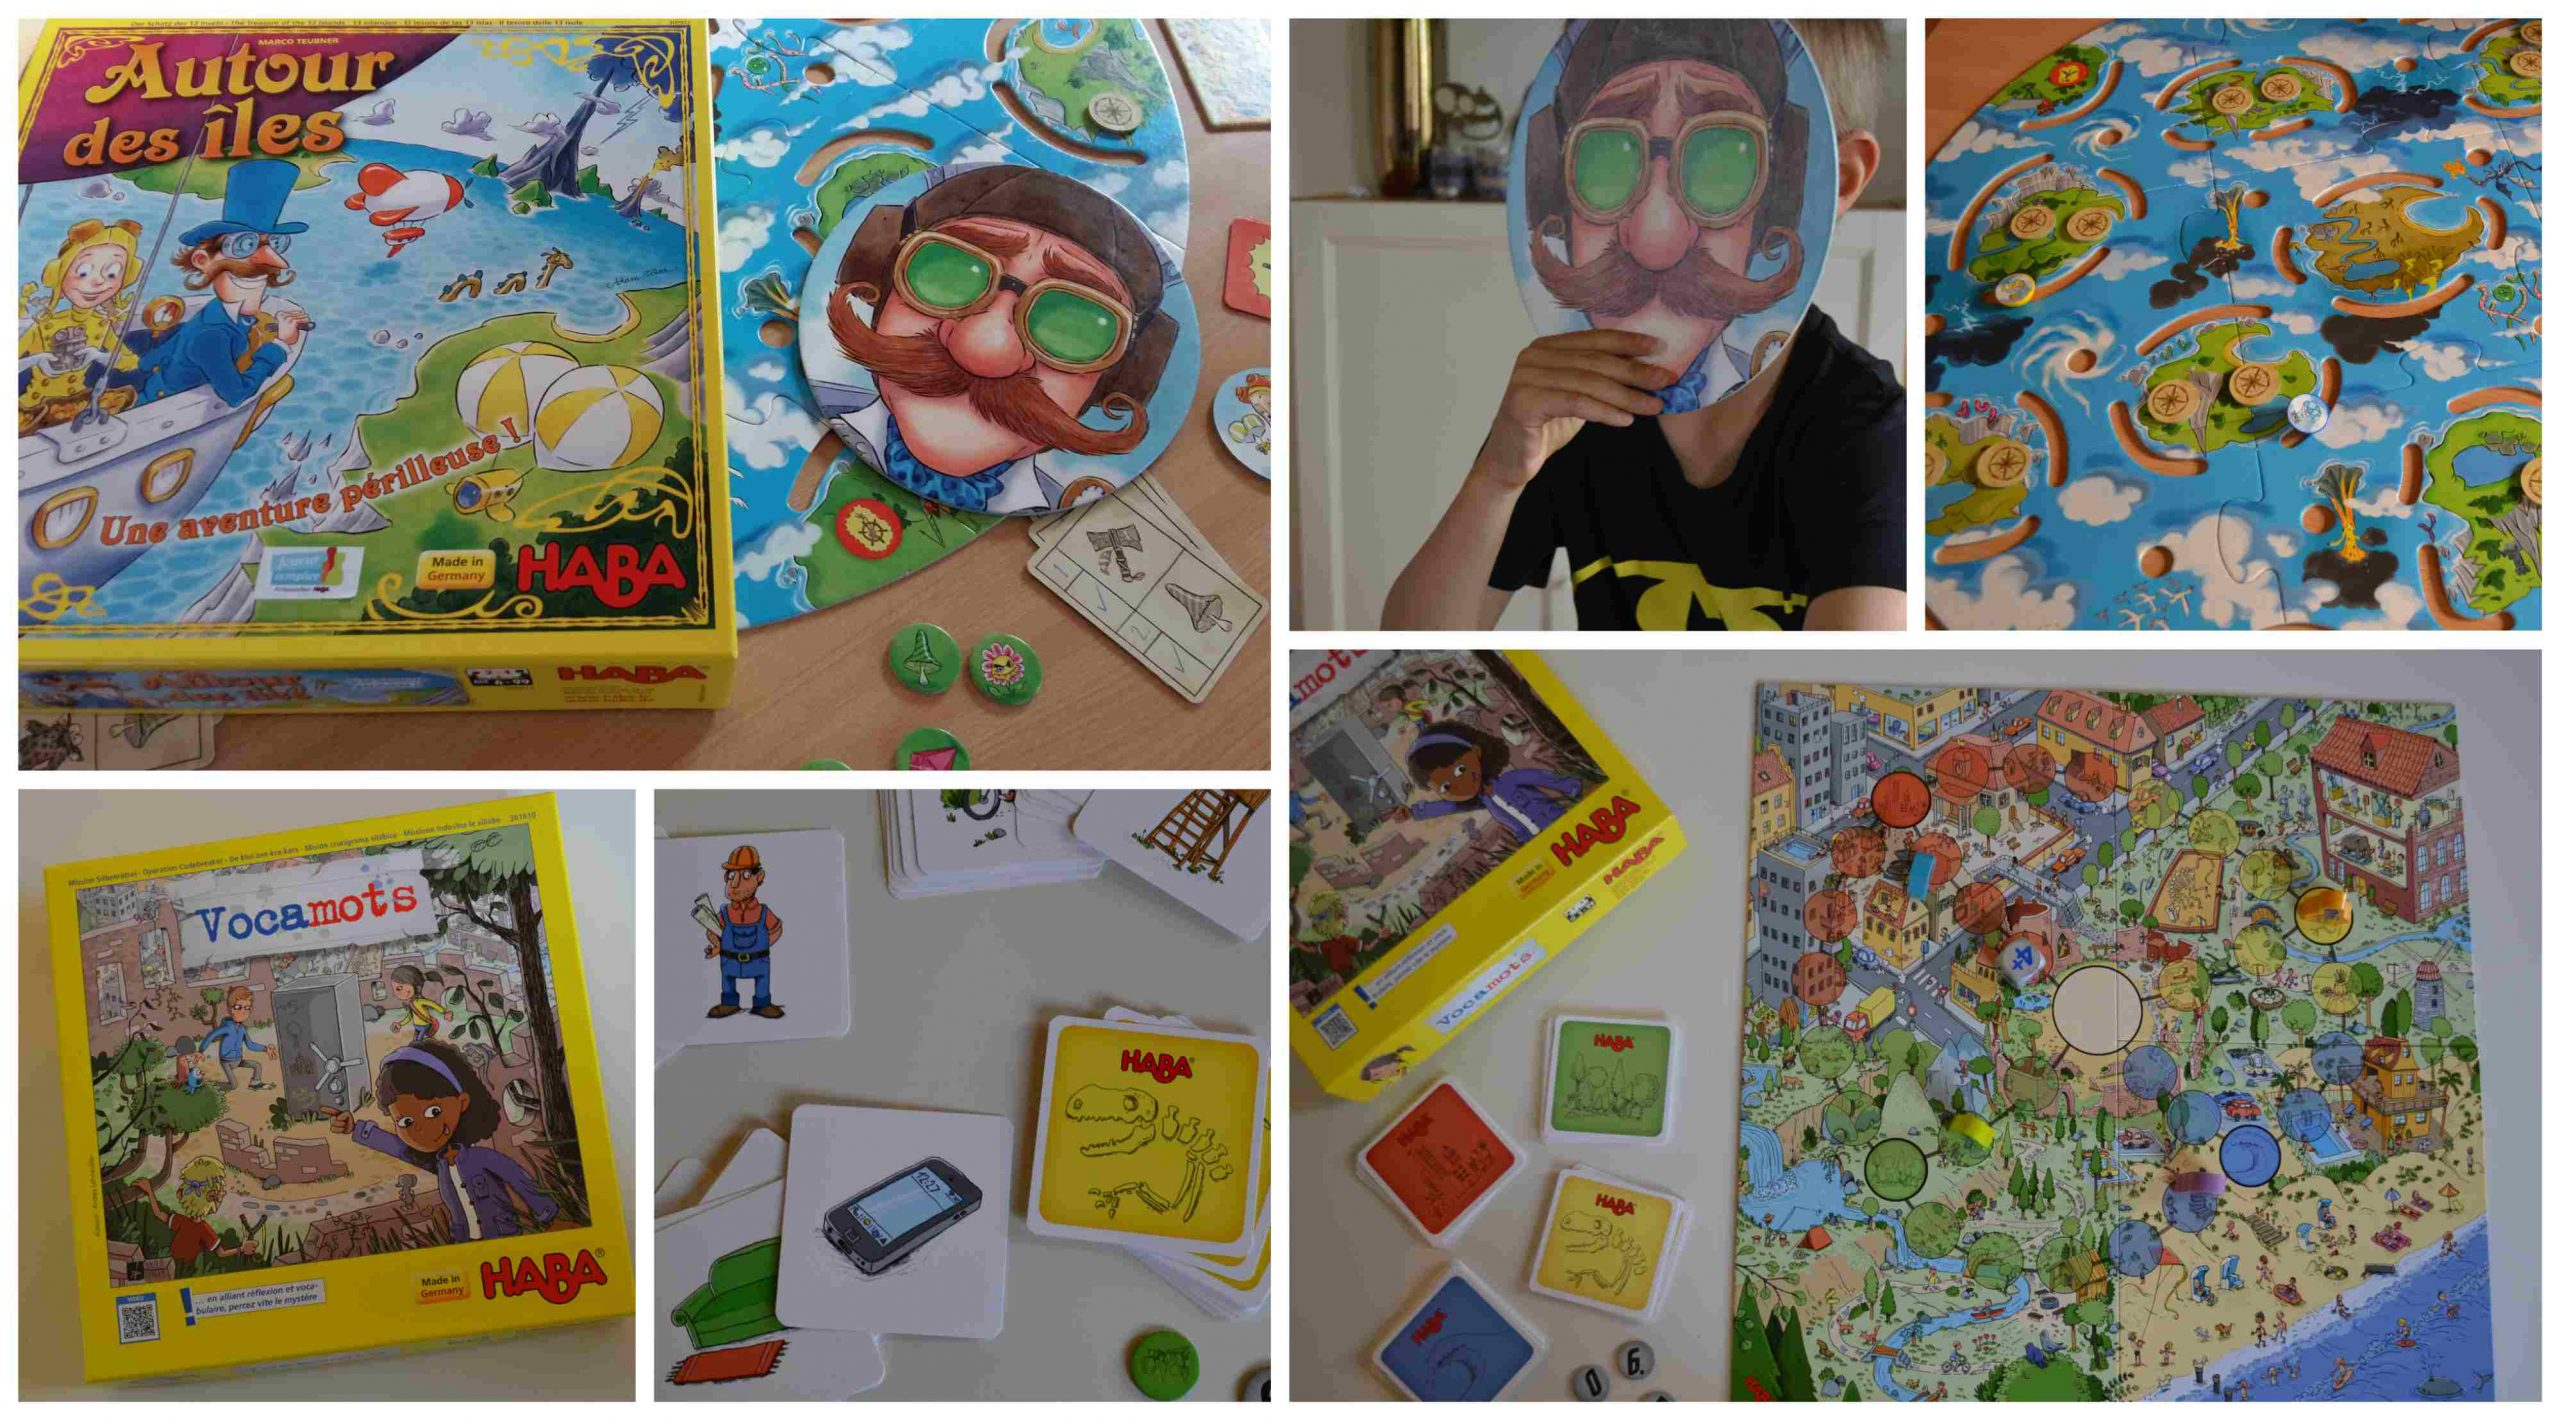 Vocamots & Autour Des Îles : Des Jeux Haba Pour Les 5-7 Ans intérieur Jeux Enfant De 5 Ans